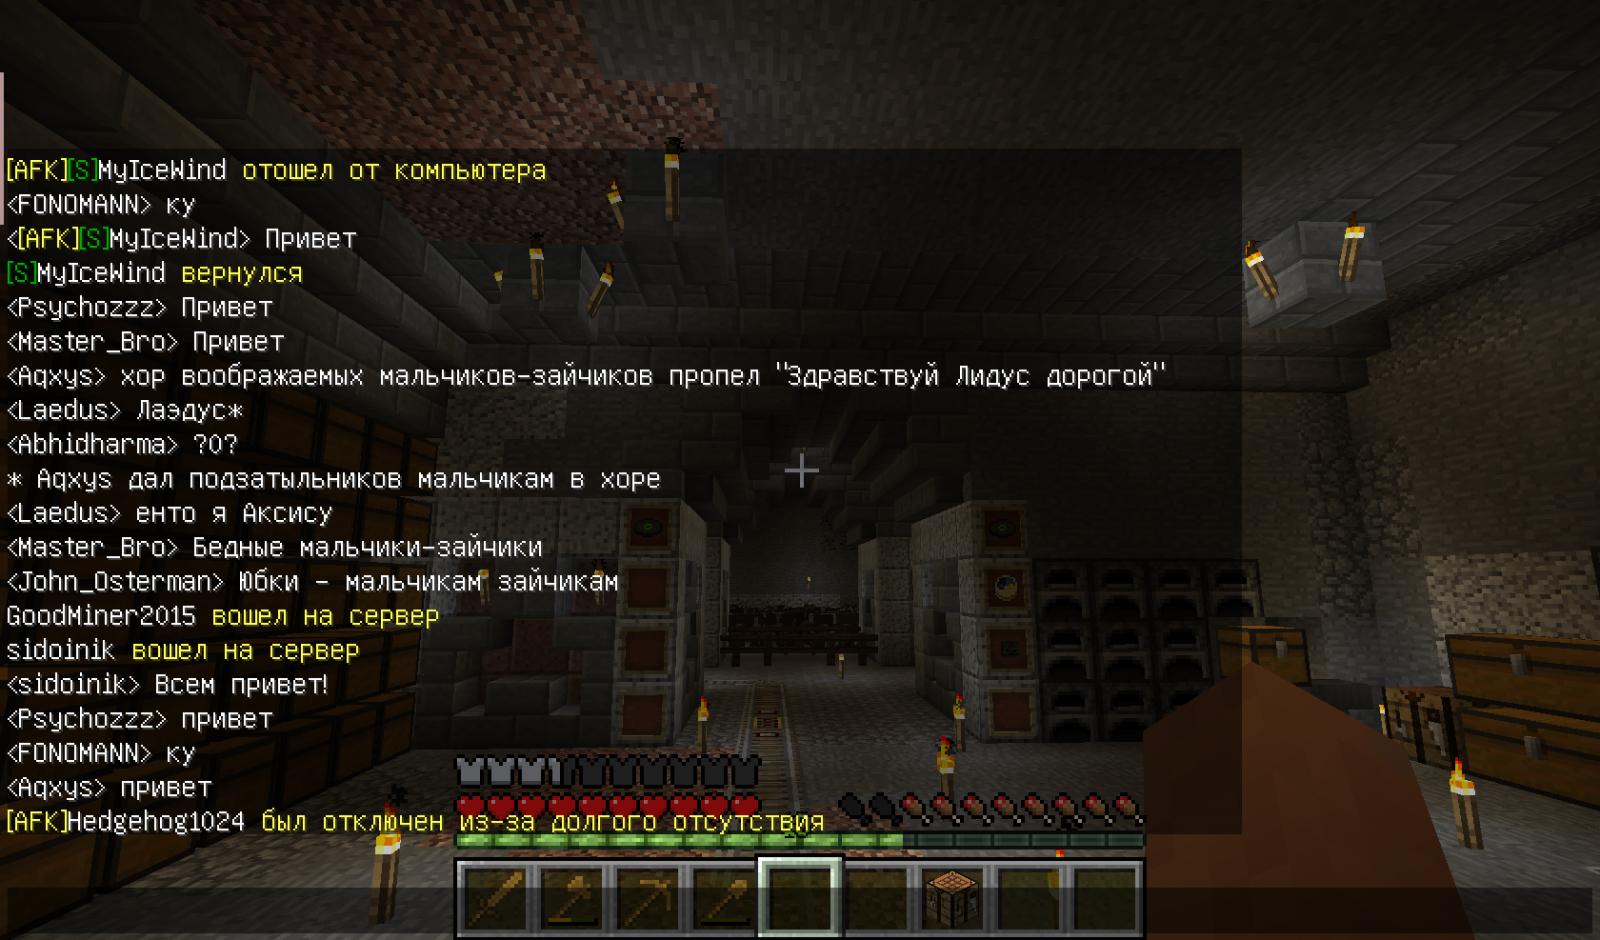 Голосовать за MinecraftOnly. Отзывы и рейтинг сервера ...